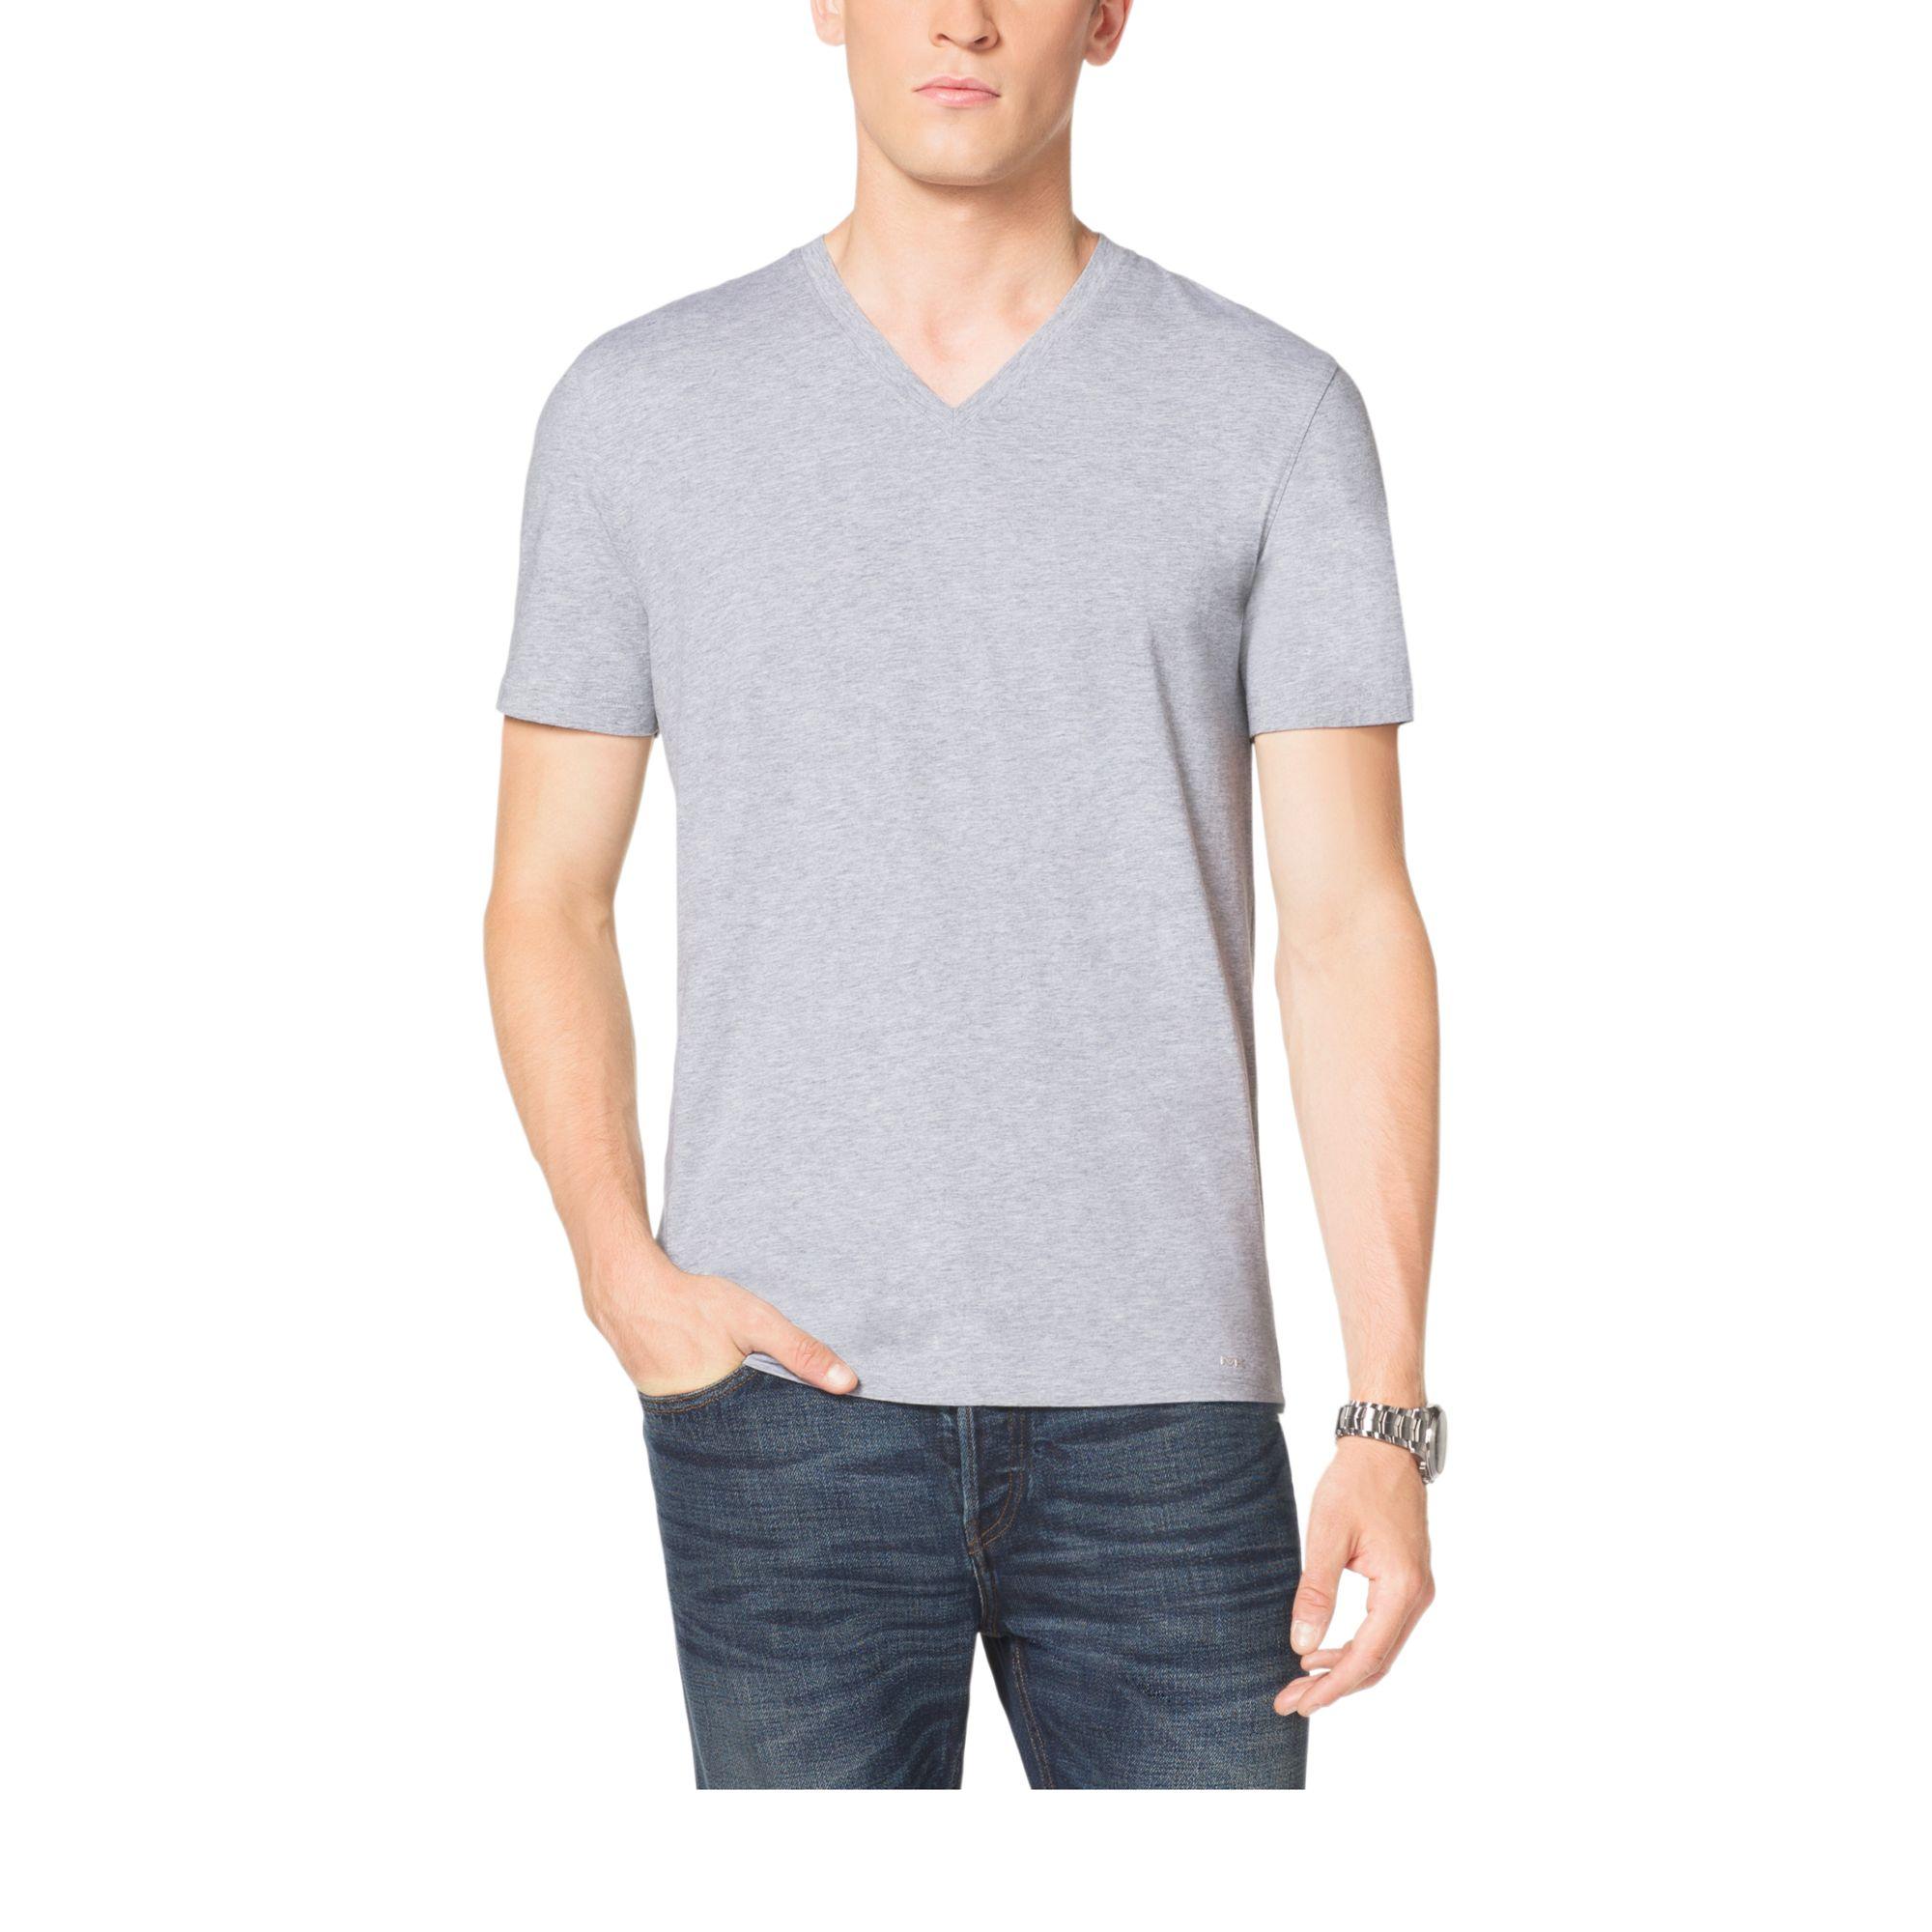 michael kors v neck cotton t shirt in gray for men. Black Bedroom Furniture Sets. Home Design Ideas